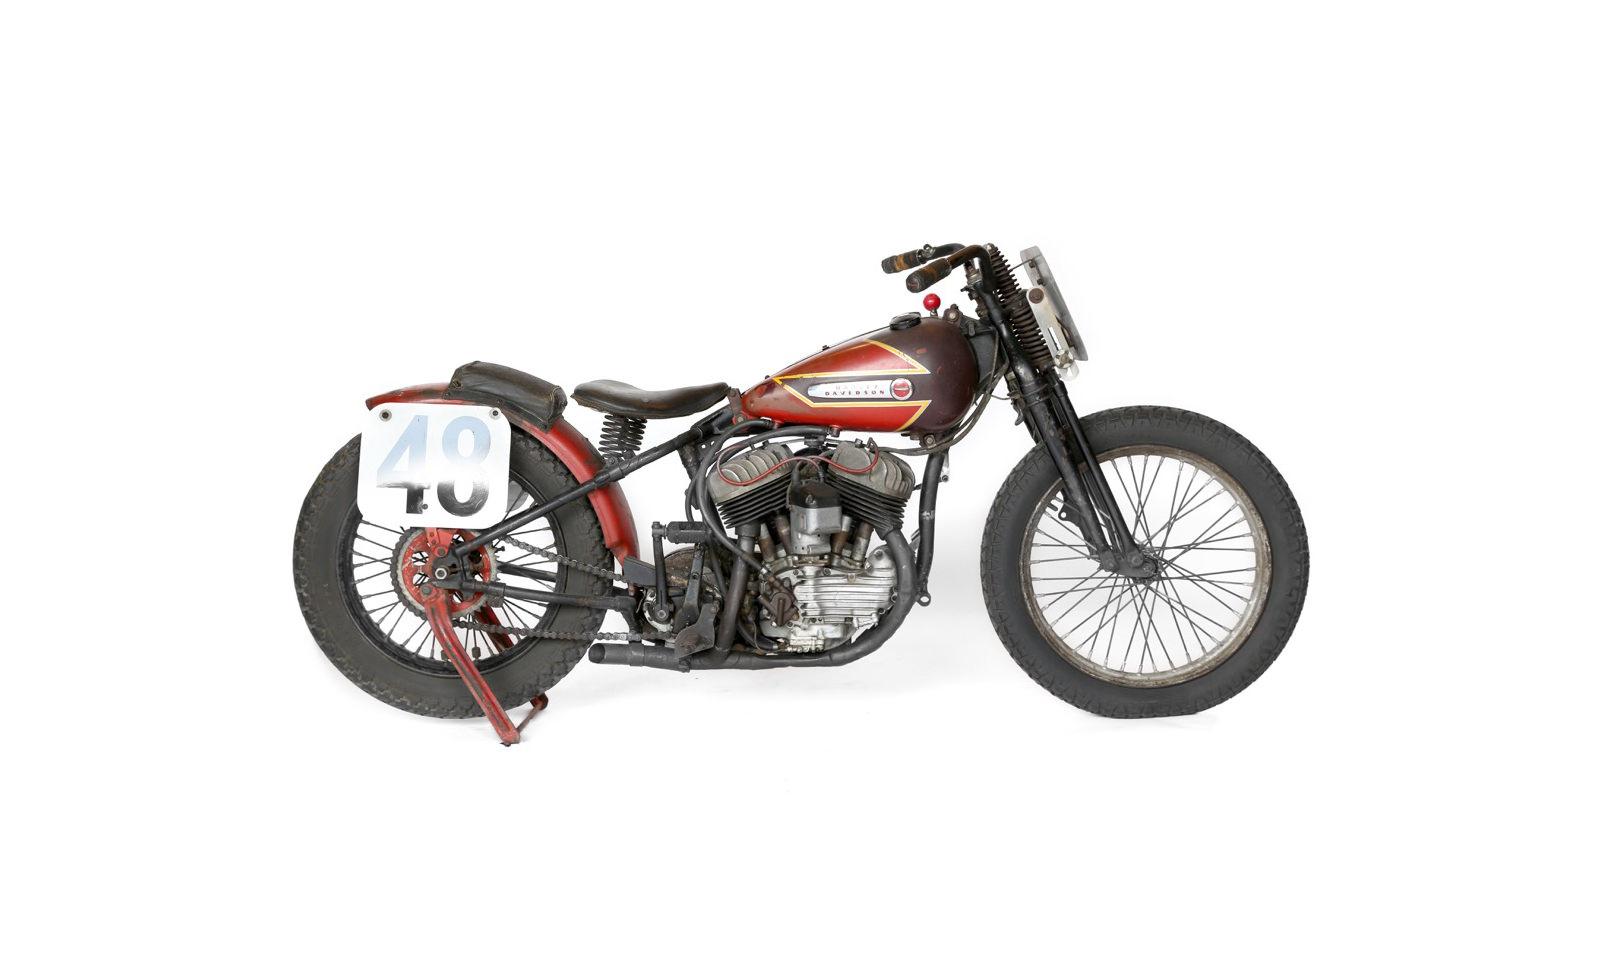 Harley Davidson: Harley Davidson WR 750 Factory Racer